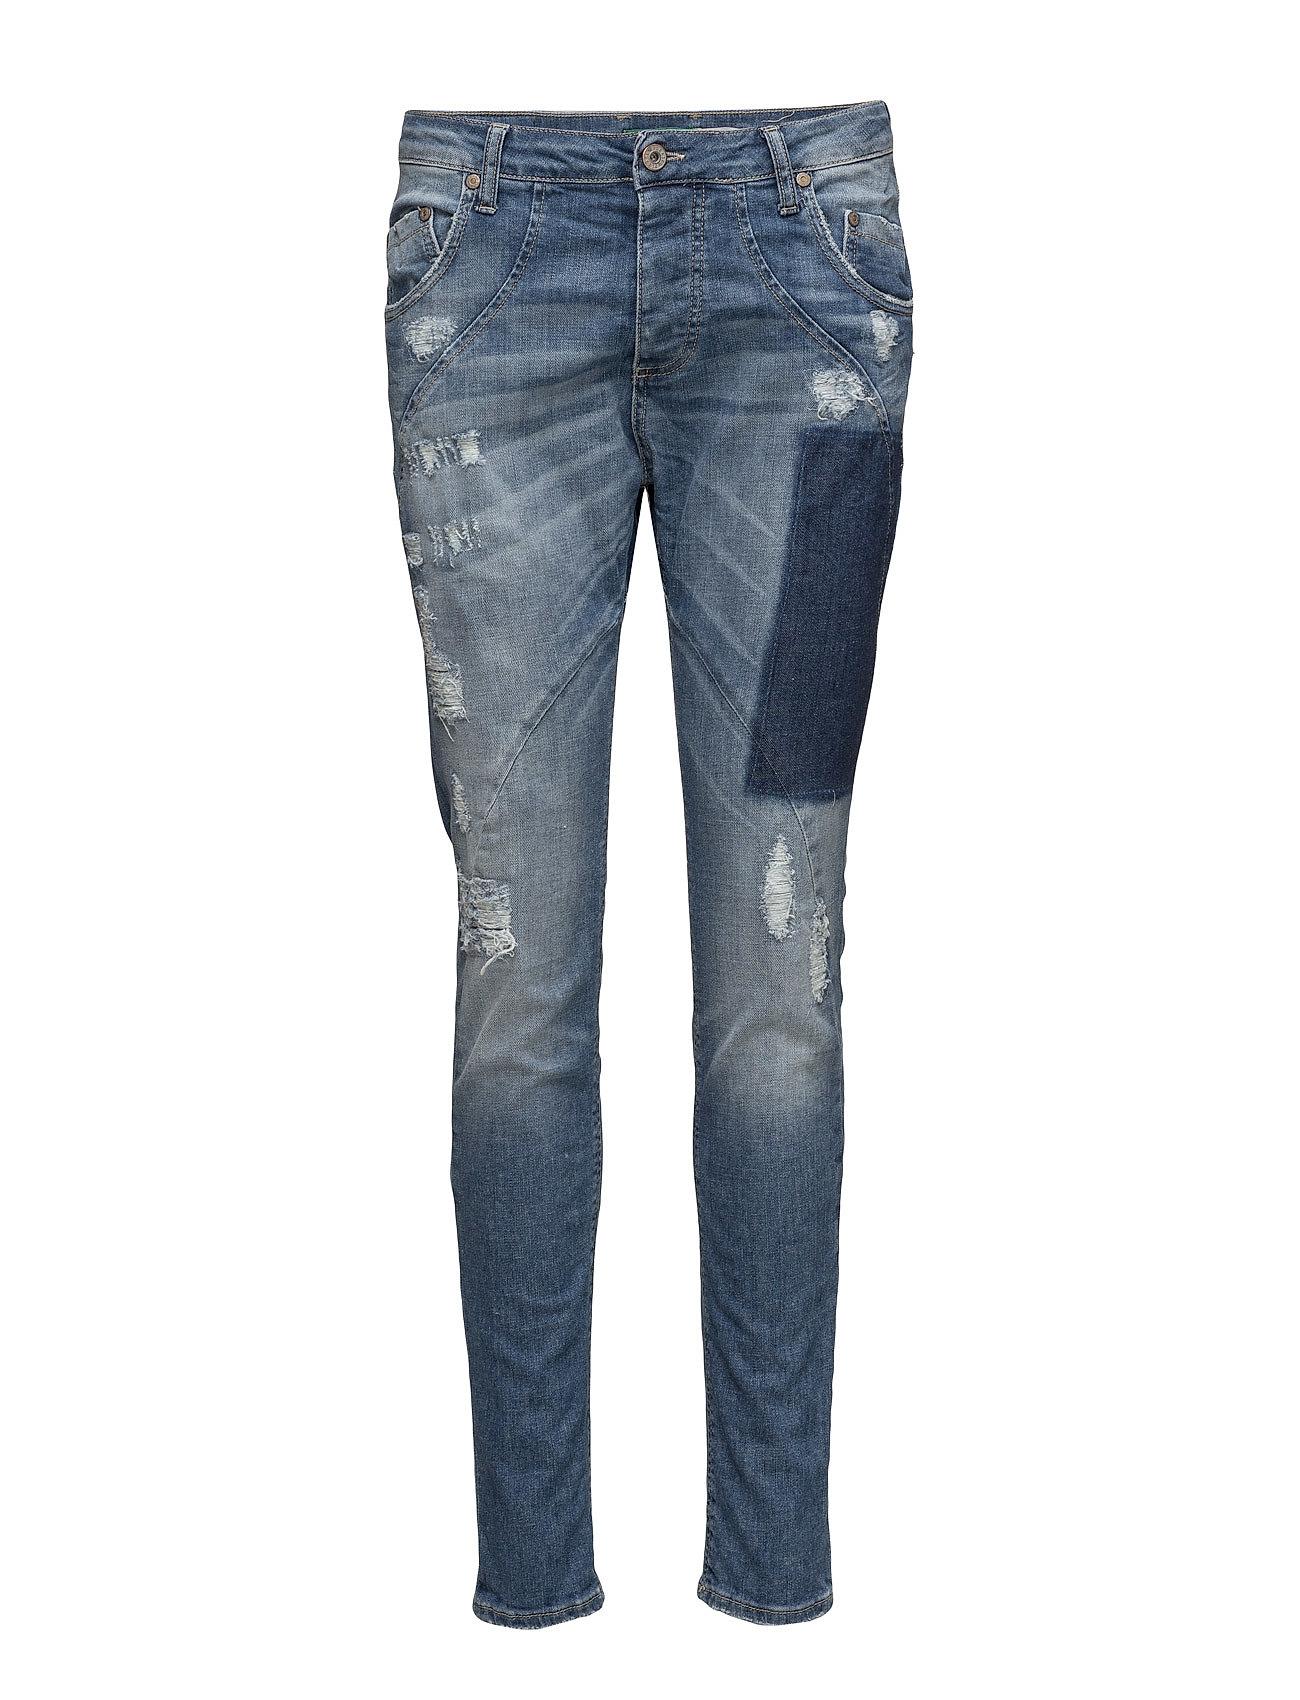 Find New Classic Patch Denim Please Jeans Skinny i Blå til Damer på Boozt.dk 462fd8b3c1d15